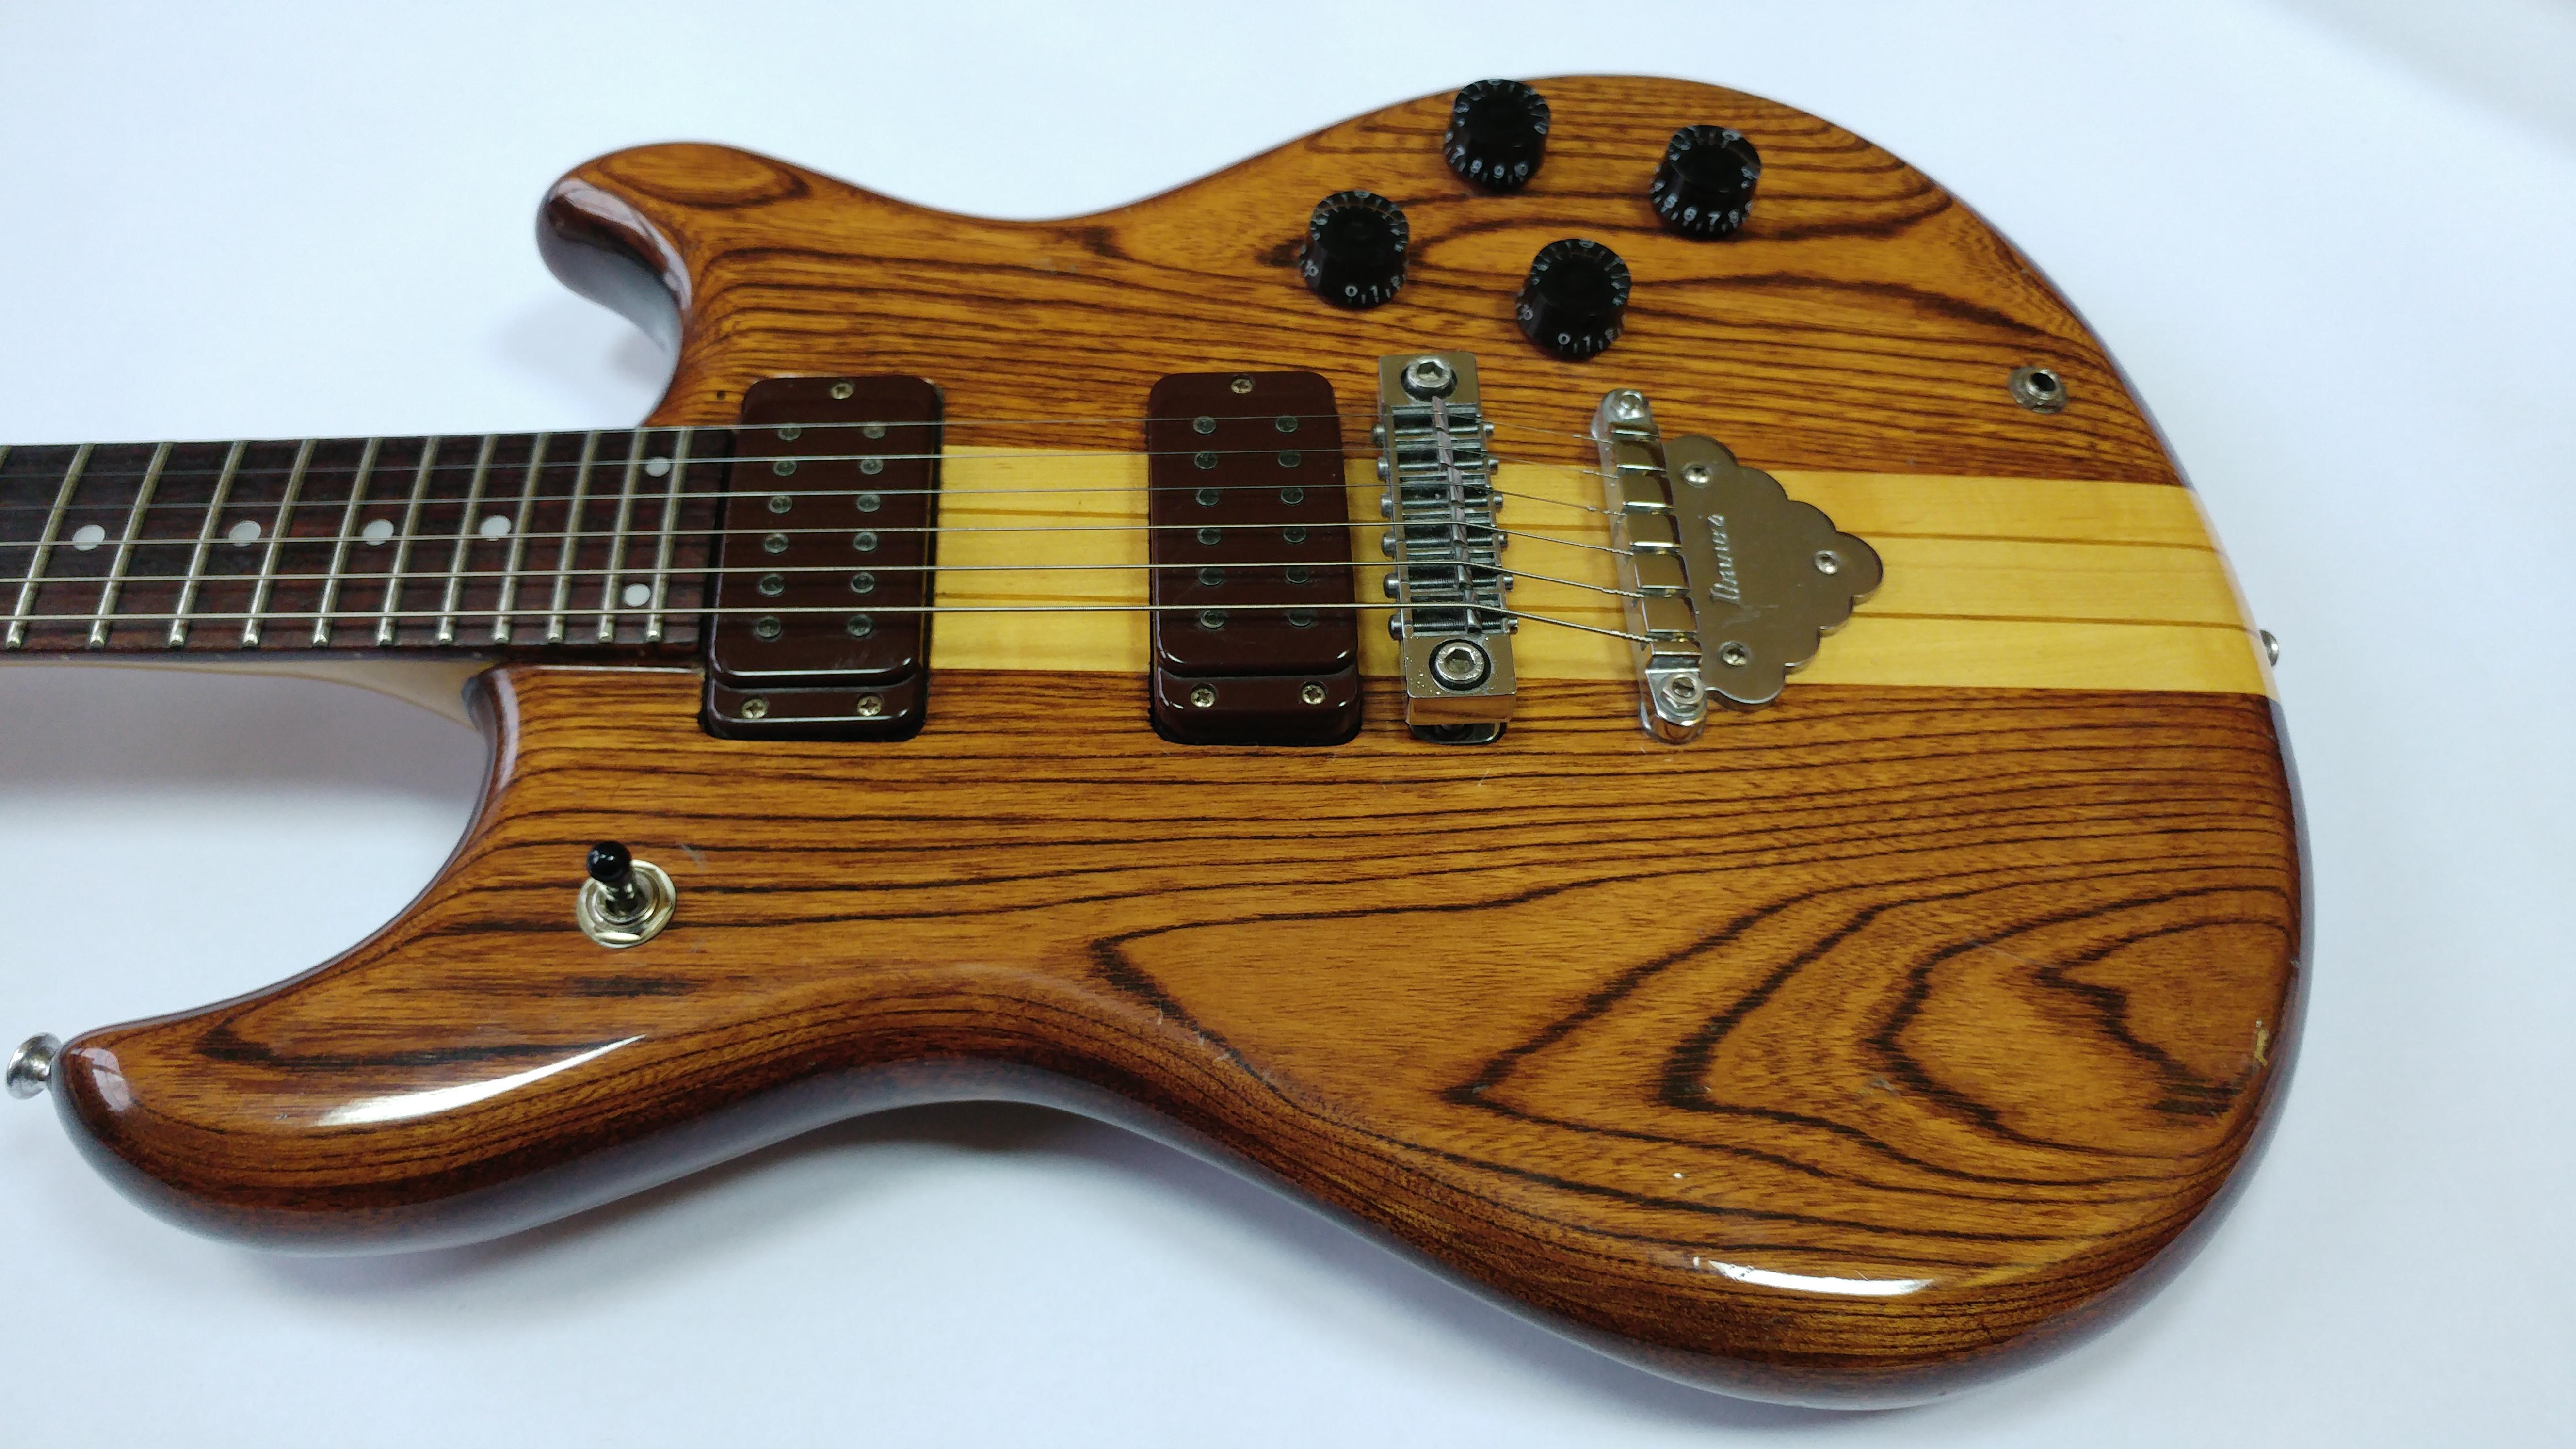 datowanie gitar według numeru seryjnego numer jeden serwis randkowy Australia